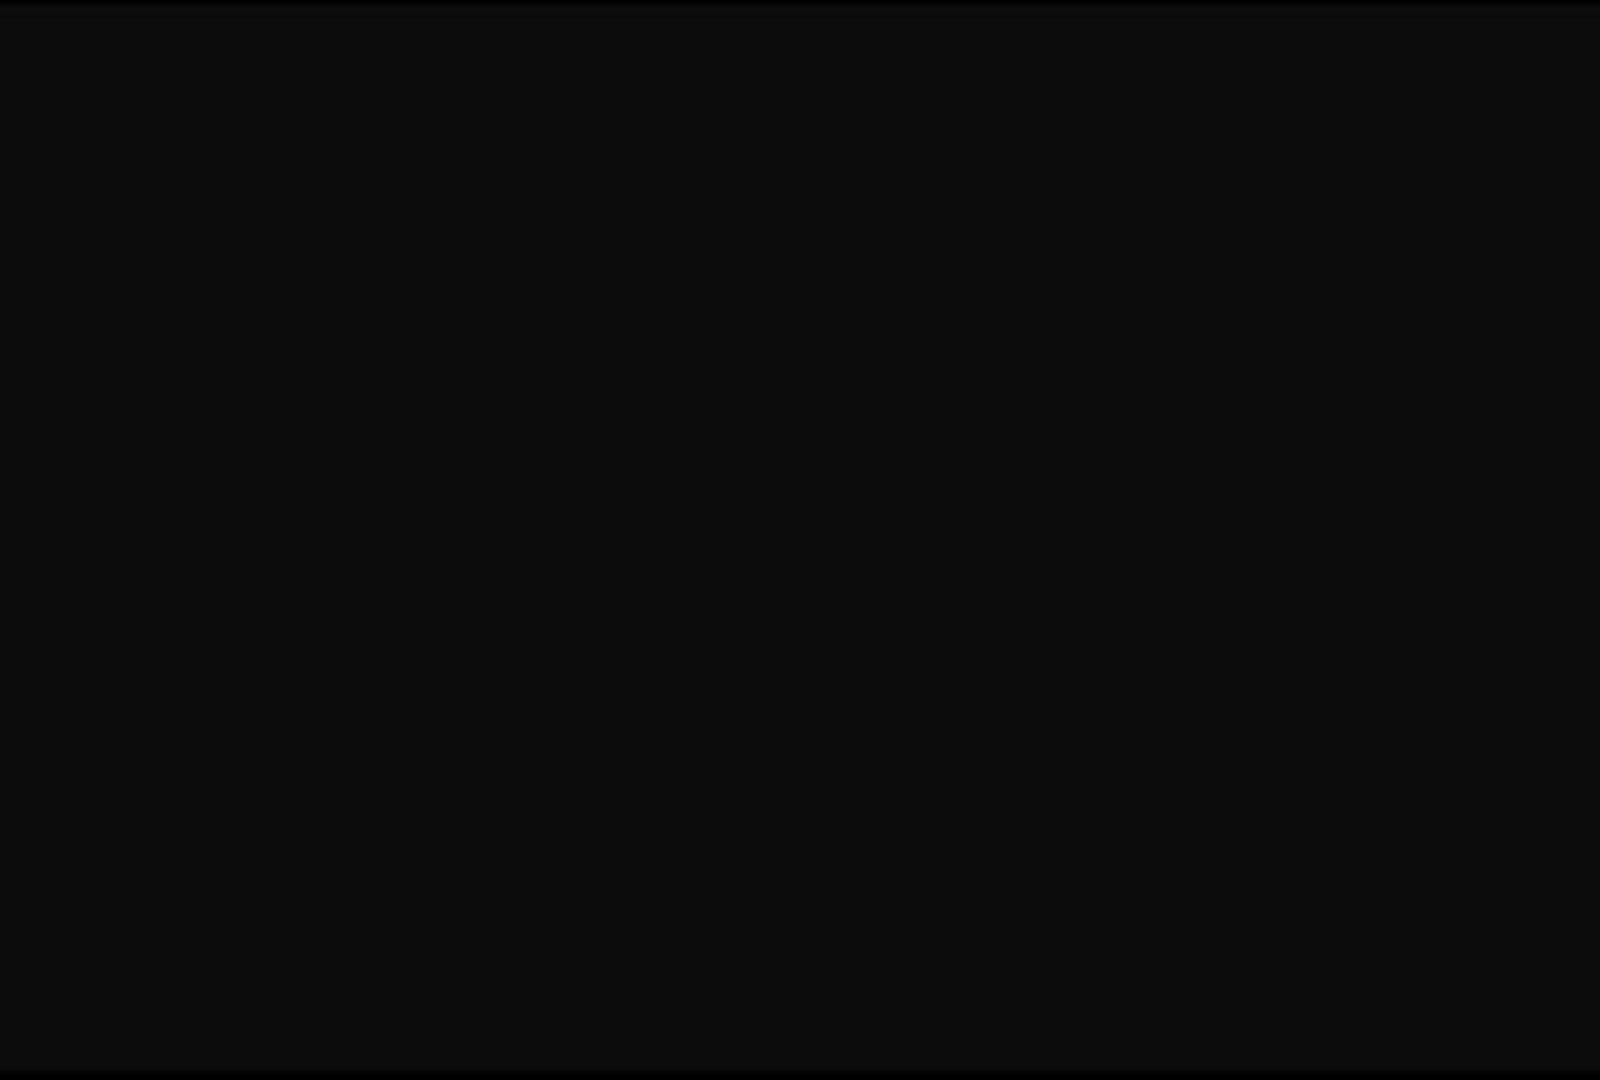 フリマのギャルパンVol.1 エロティックなOL | ギャルのエロ動画  105画像 85